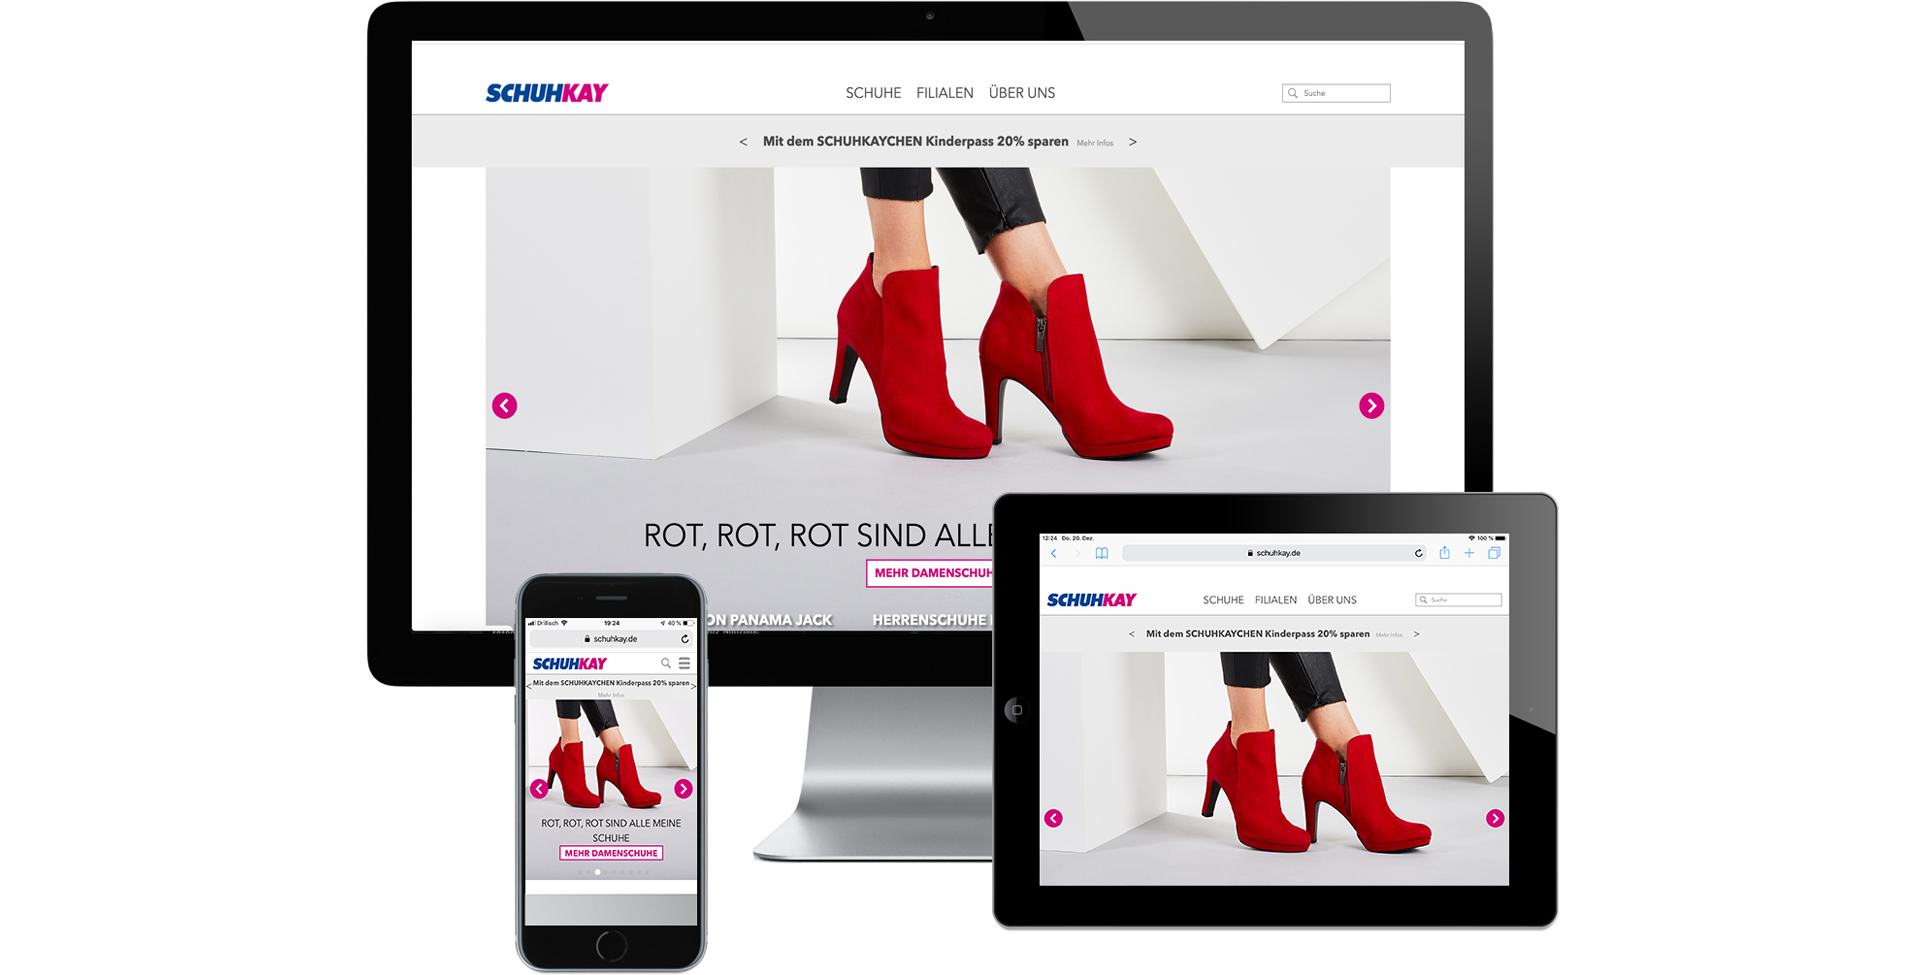 Neunundzwanziggrad Online & Offline